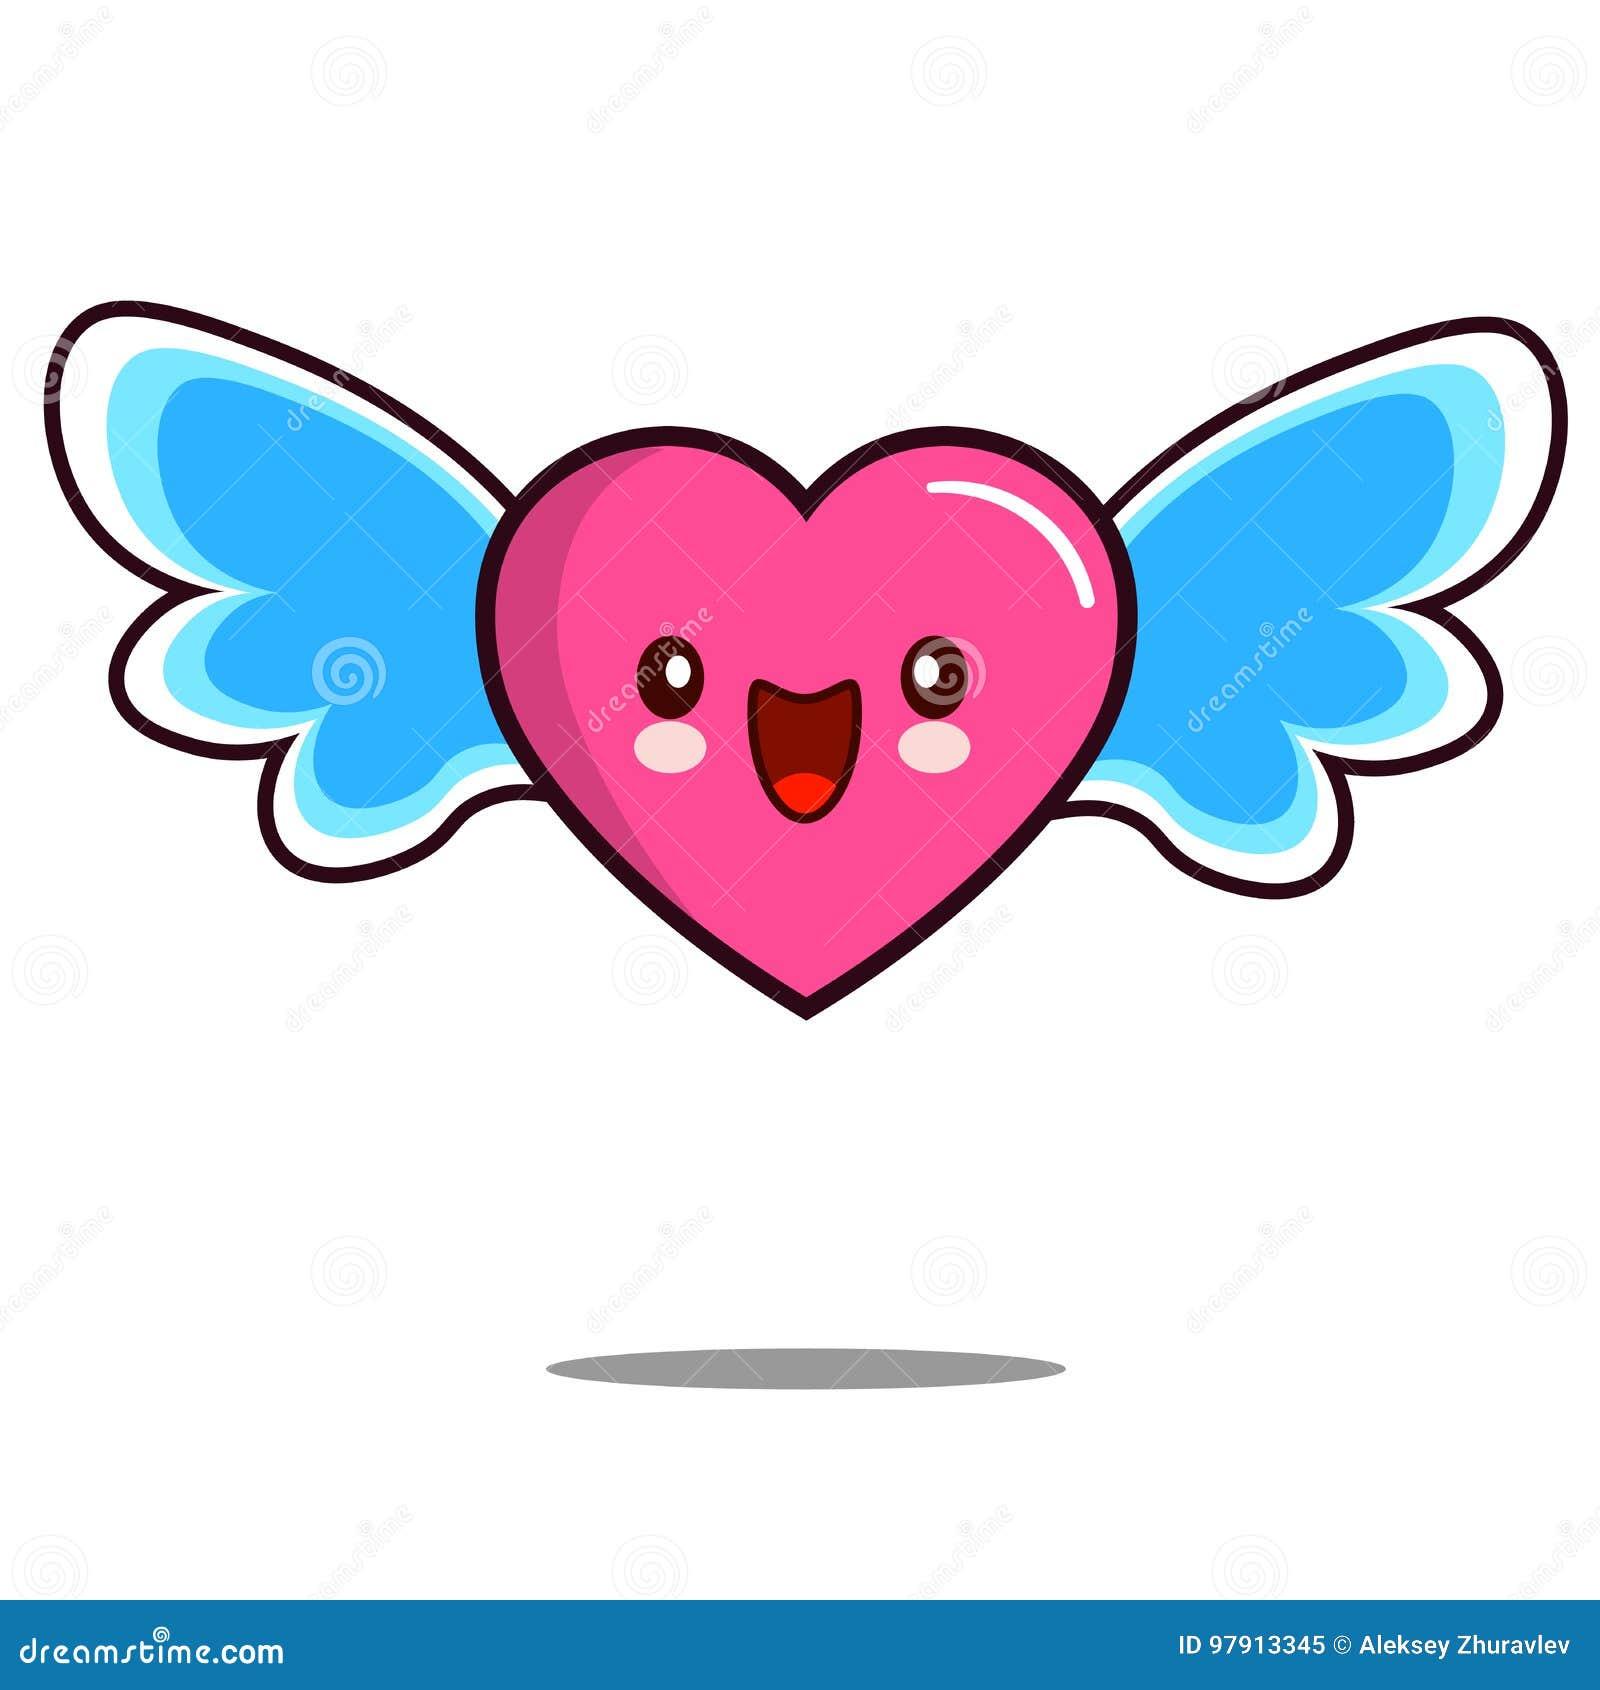 Kawaii Del Icono Del Personaje De Dibujos Animados Del Corazón Con